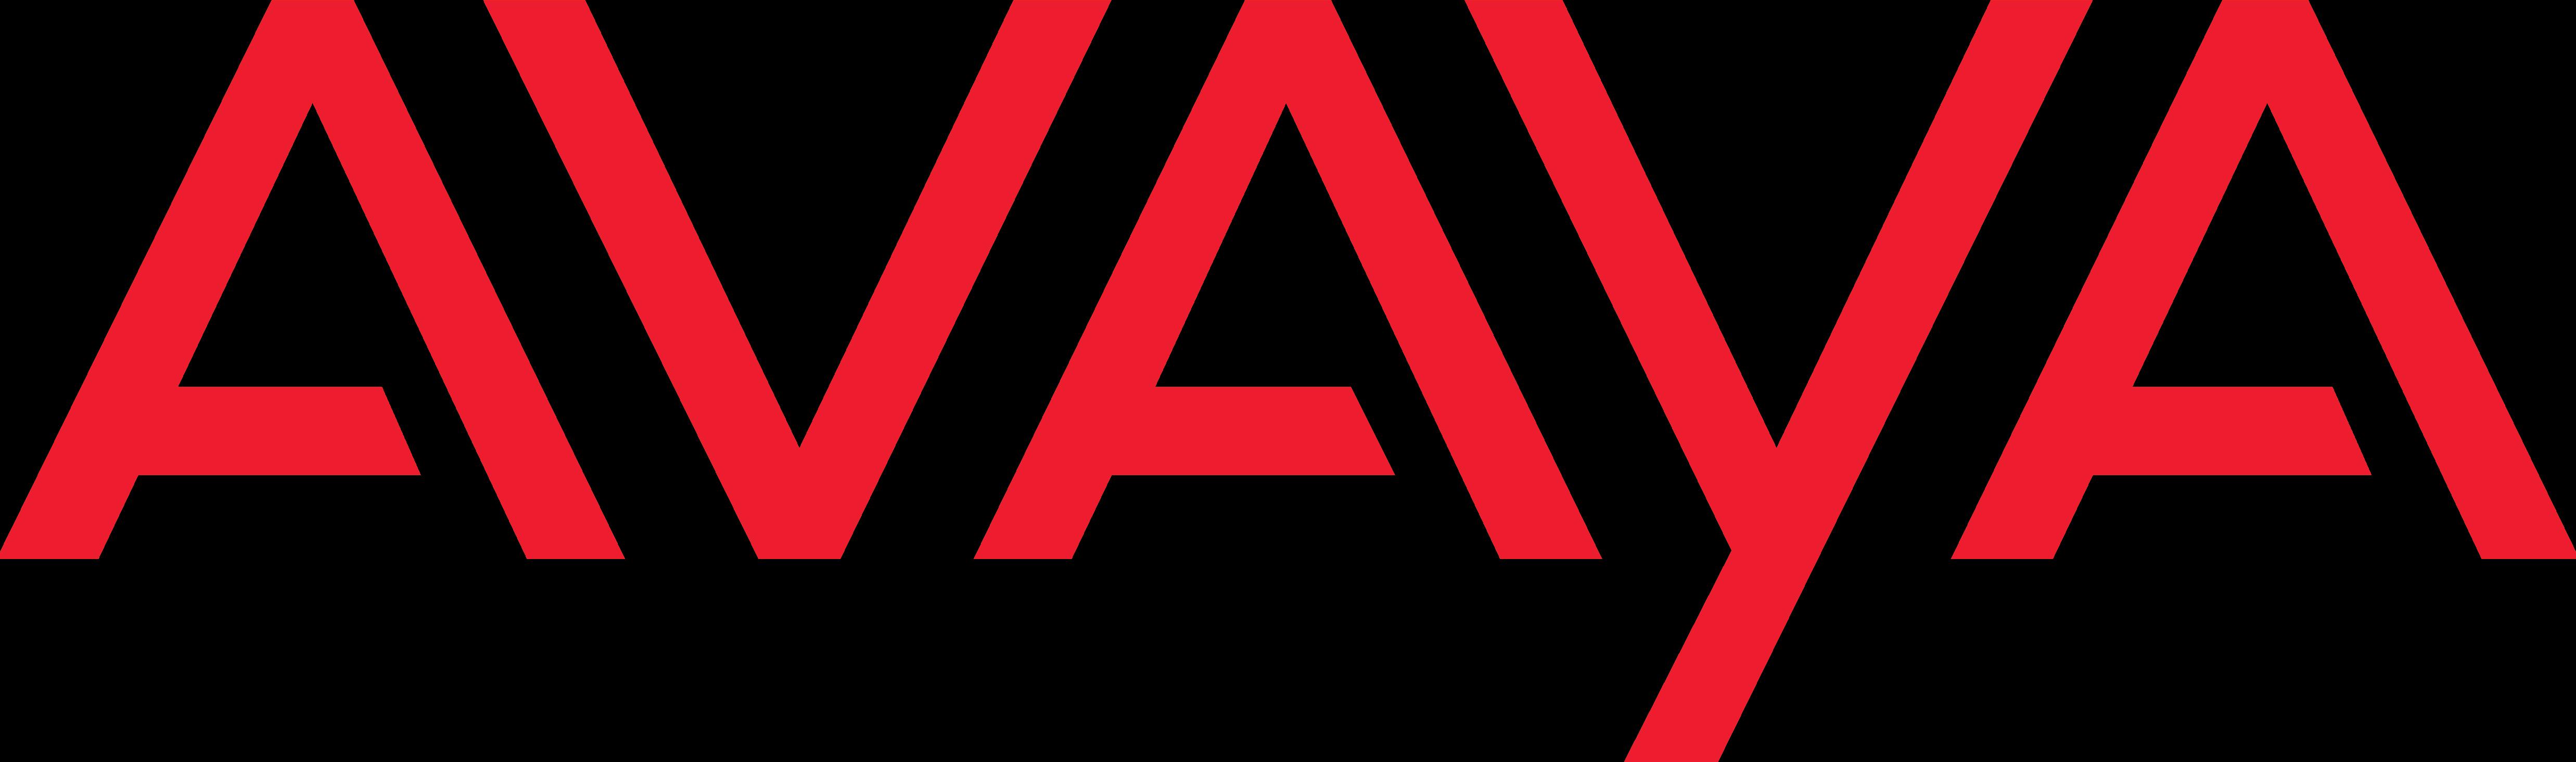 Avaya Logos Speaker Wiring Diagram Download